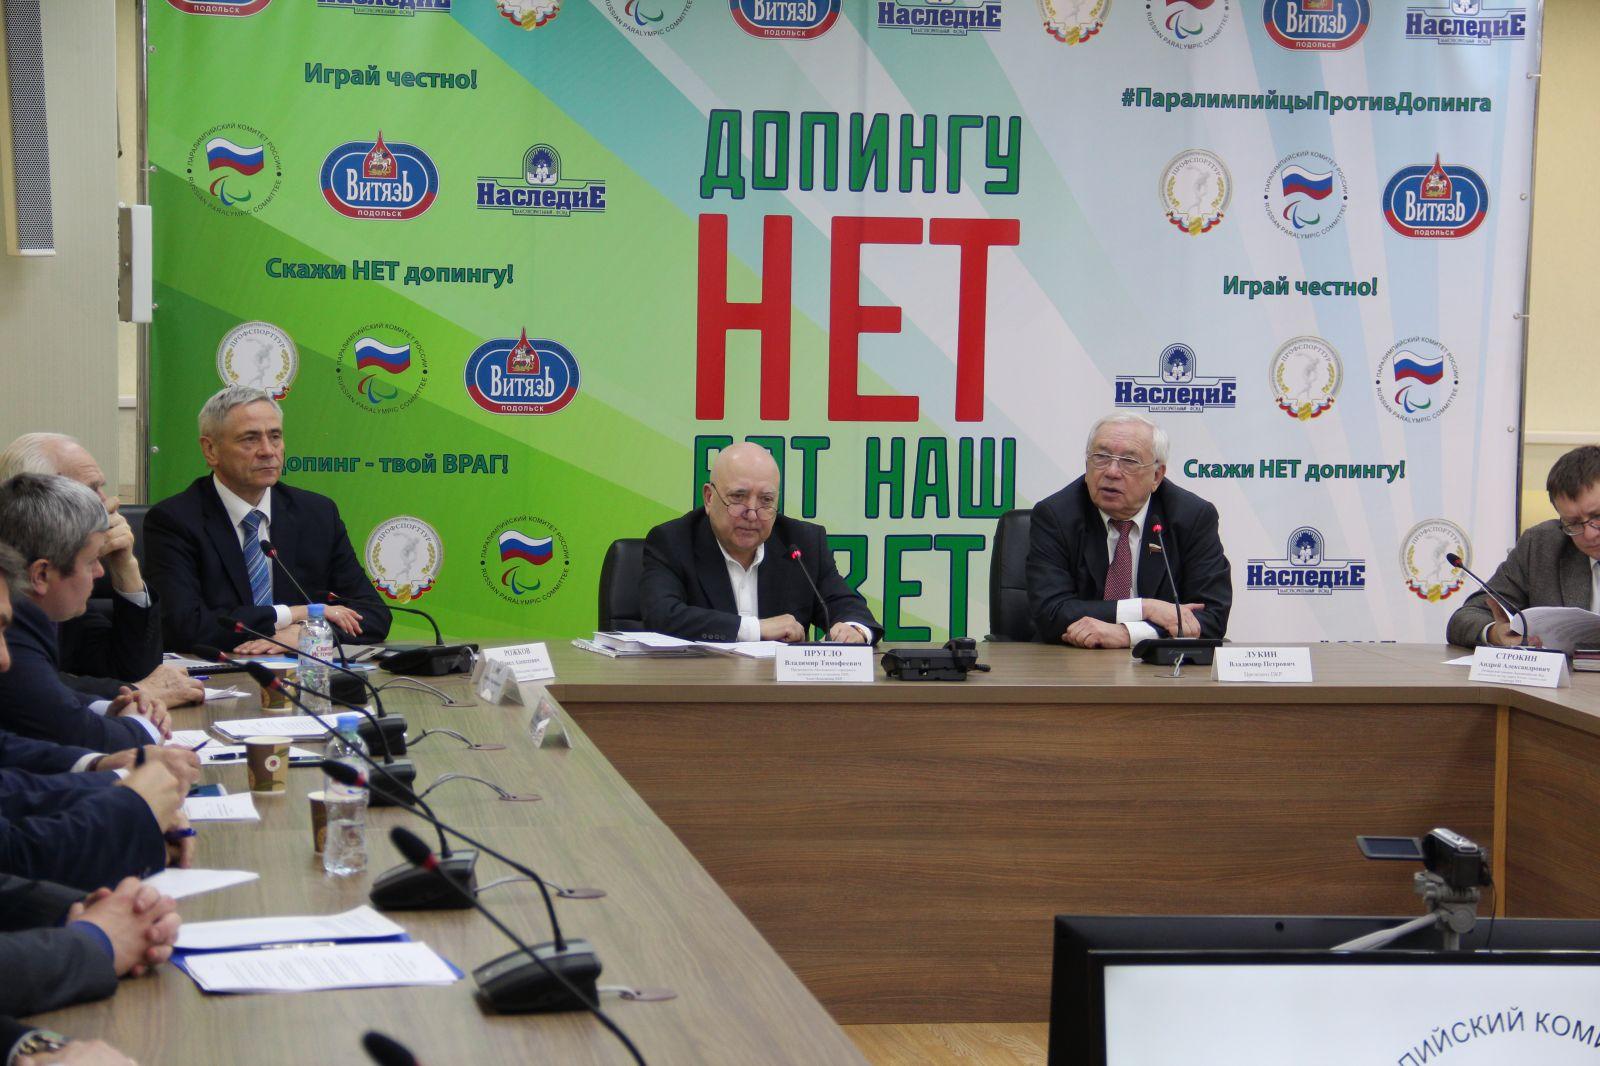 Руководители ПКР в зале Исполкома ПКР приняли участие в Отчетно-выборном Общем собрании Московского городского регионального отделения ПКР